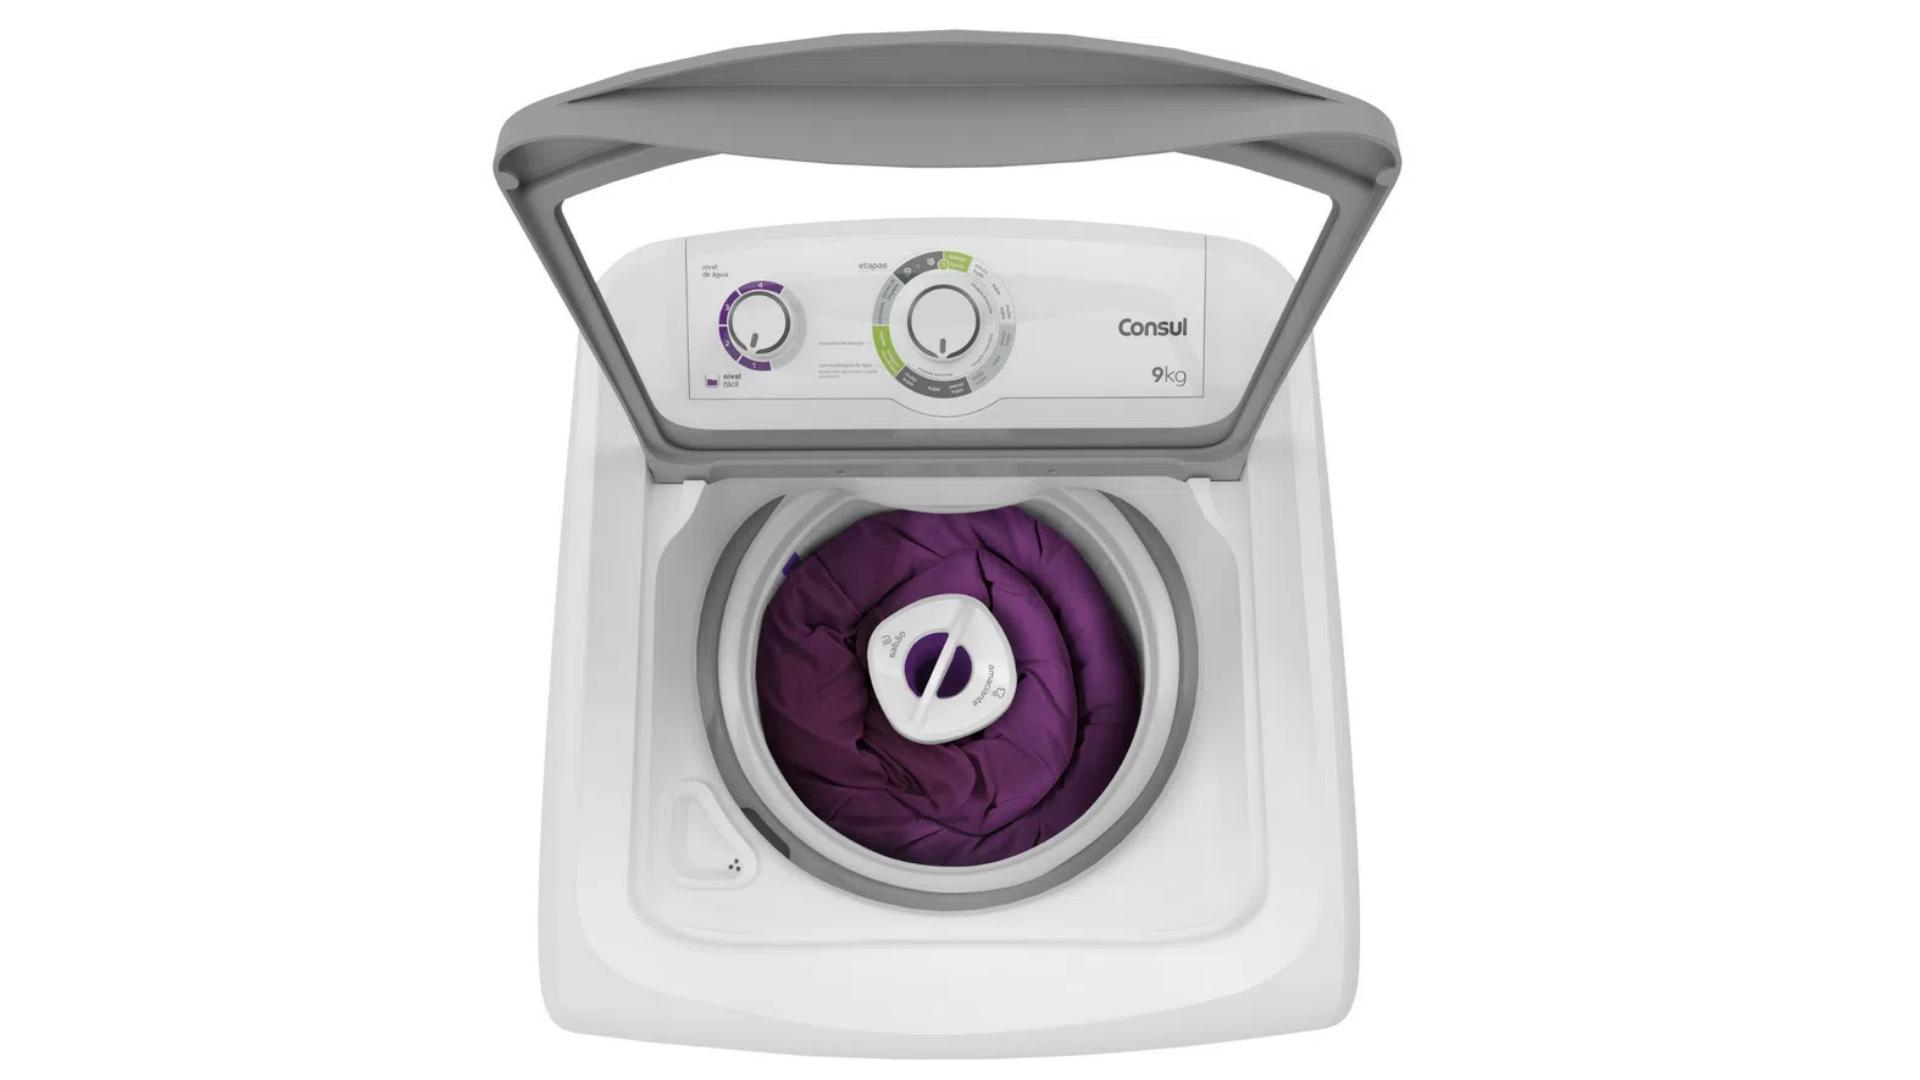 A lavagem do edredom tem um ciclo exclusivo na lavadora de roupas Consul CWB09 (Imagem: Reprodução/Consul).